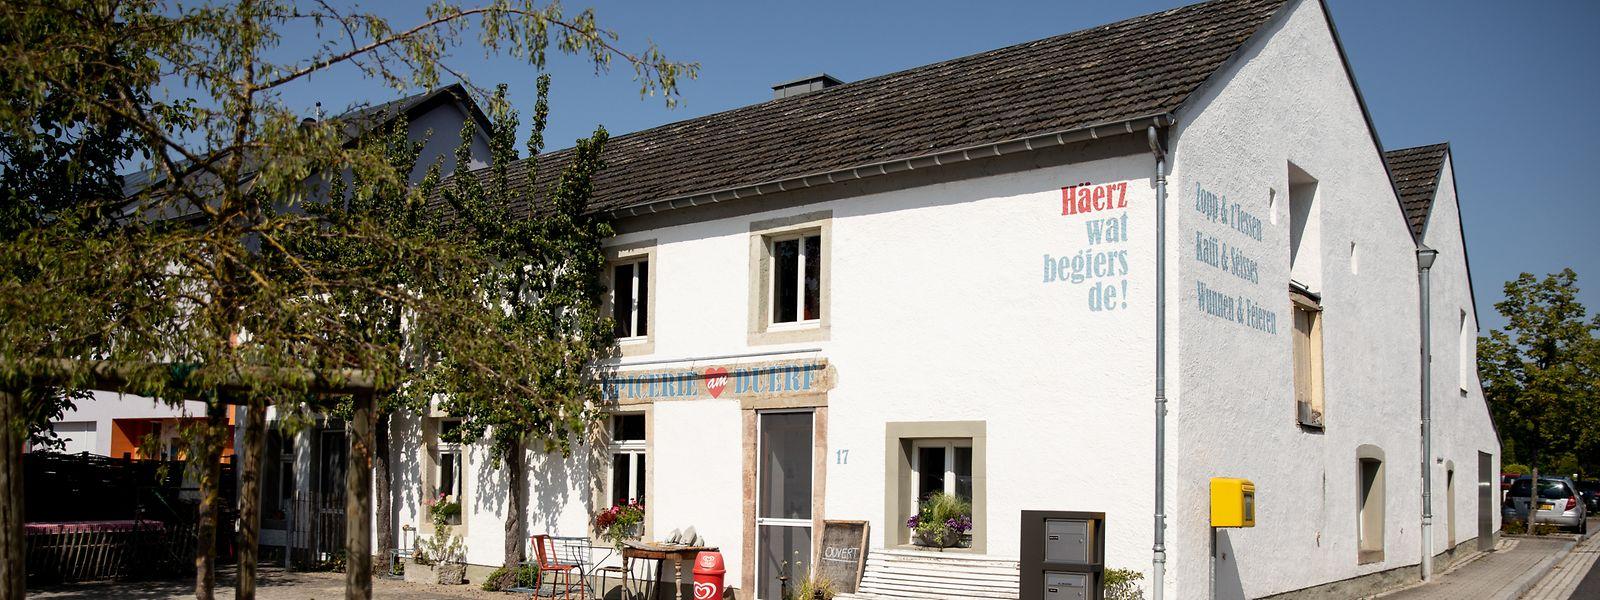 """Die """"Epicerie am Duerf"""" befindet sich mitten in Schrondweiler."""